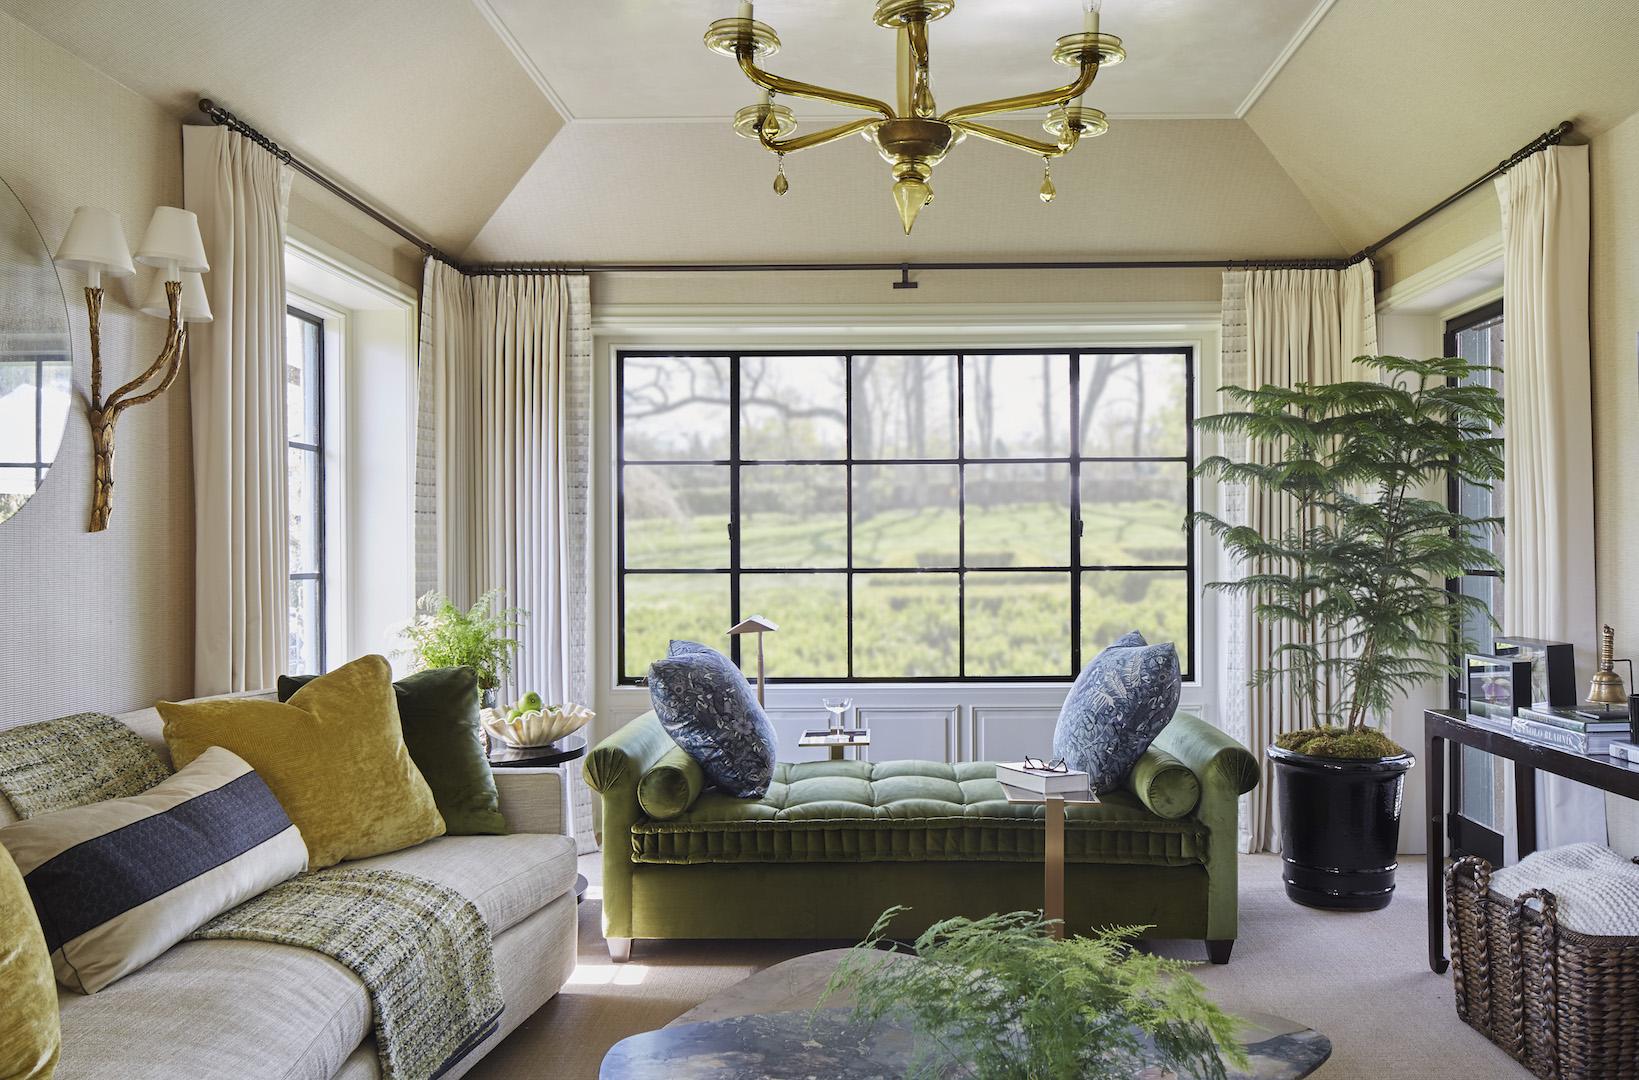 custom daybed & throw pillows  Interior Architecture & Design: Lichten Craig Architecture & Interiors